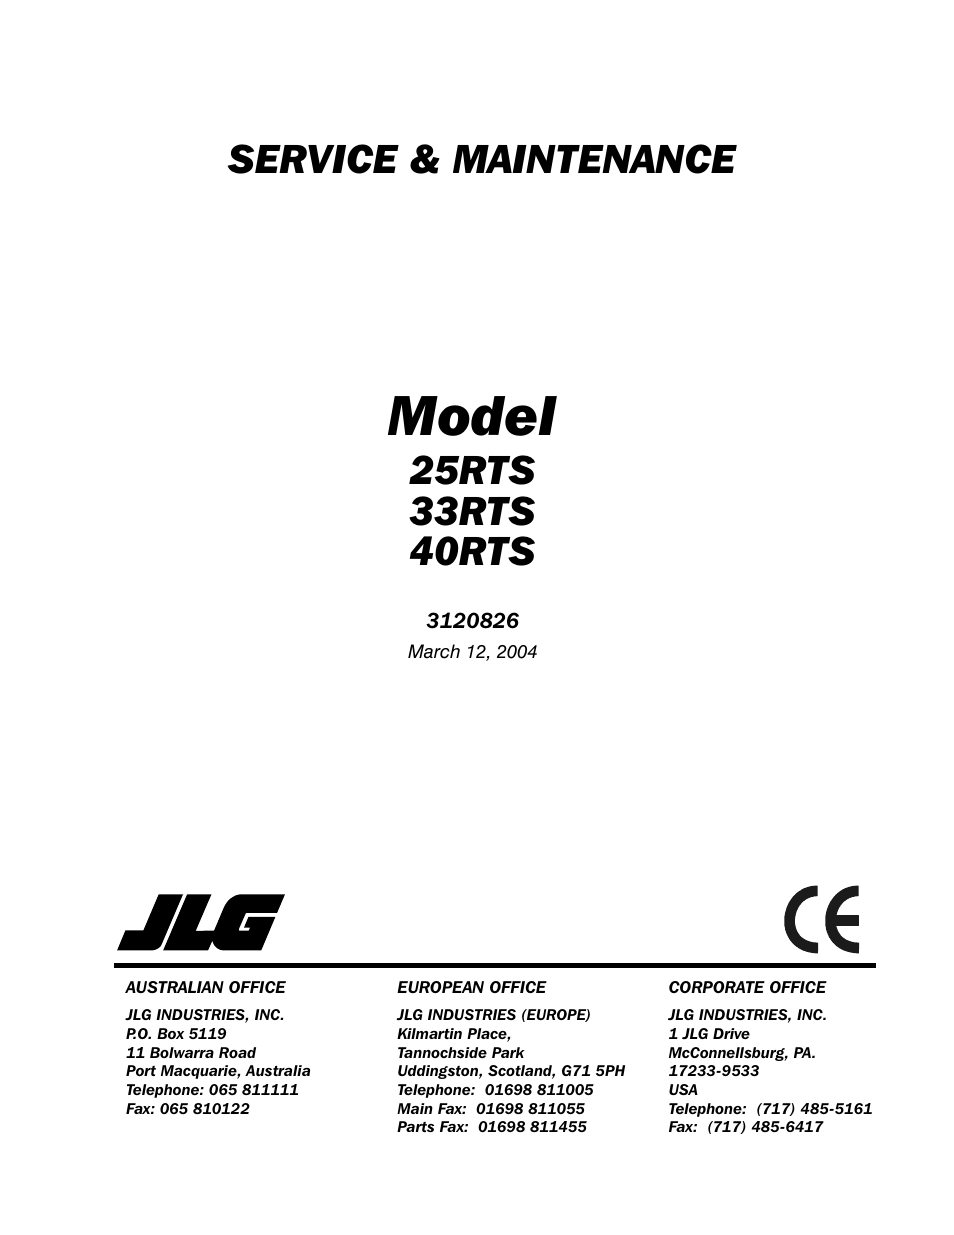 jlg 40rts service manual page1?resize\\\=665%2C861 skytrak 5028 wiring diagram sullair wiring diagram, jlg wiring skytrak 6036 wiring diagram at mifinder.co